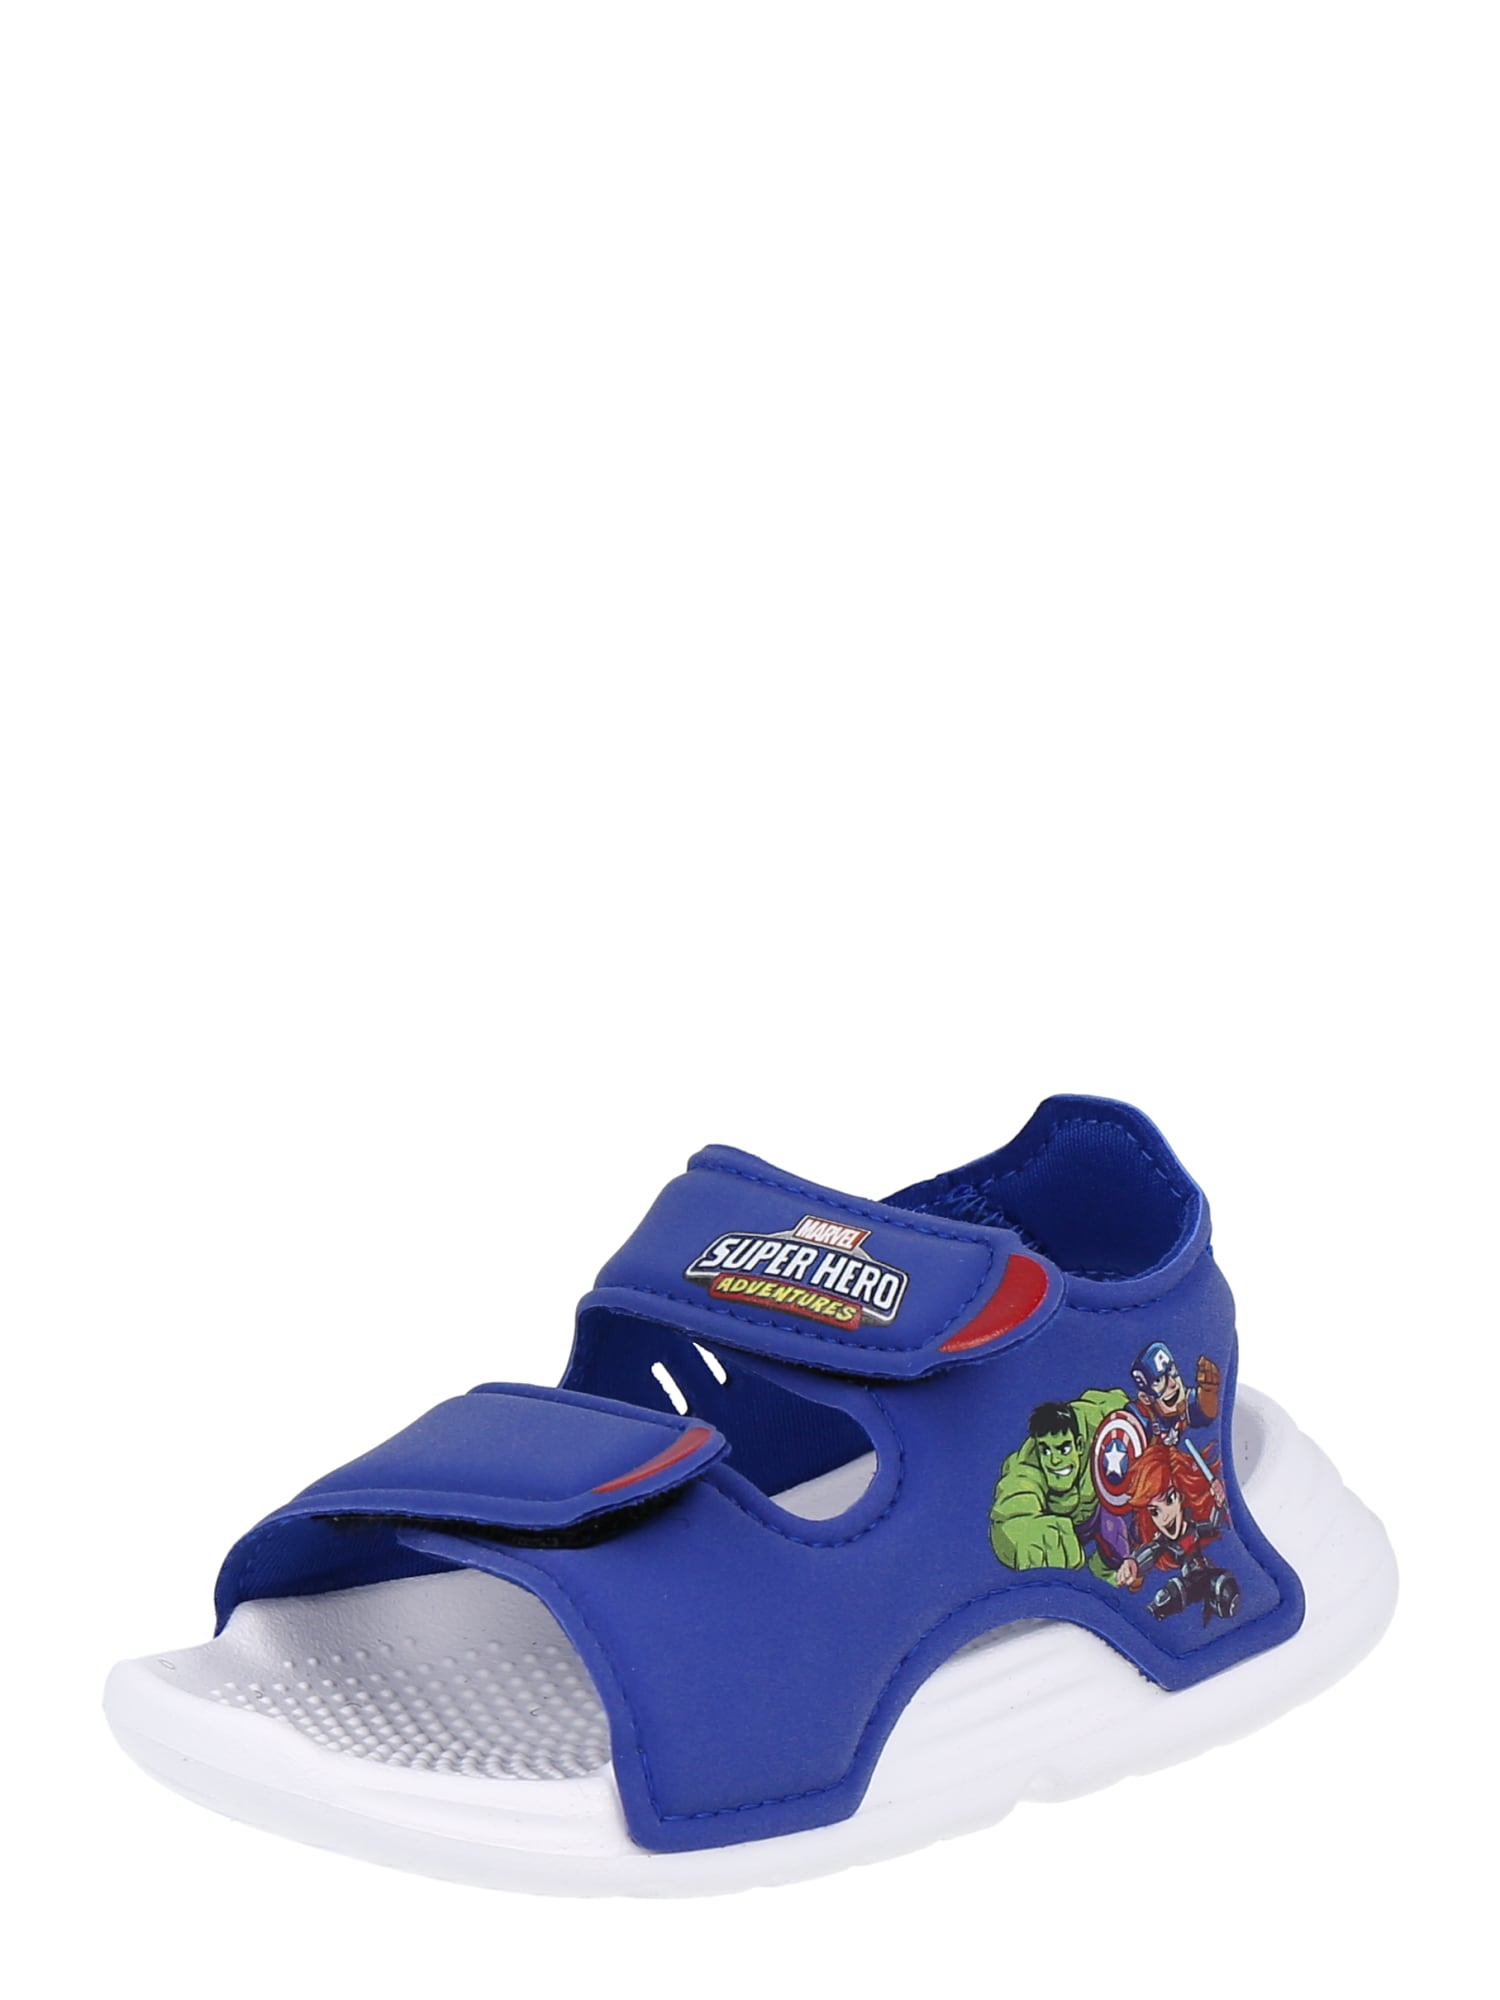 ADIDAS PERFORMANCE Sandalai / maudymosi batai mėlyna / žalia / raudona / purpurinė / balta